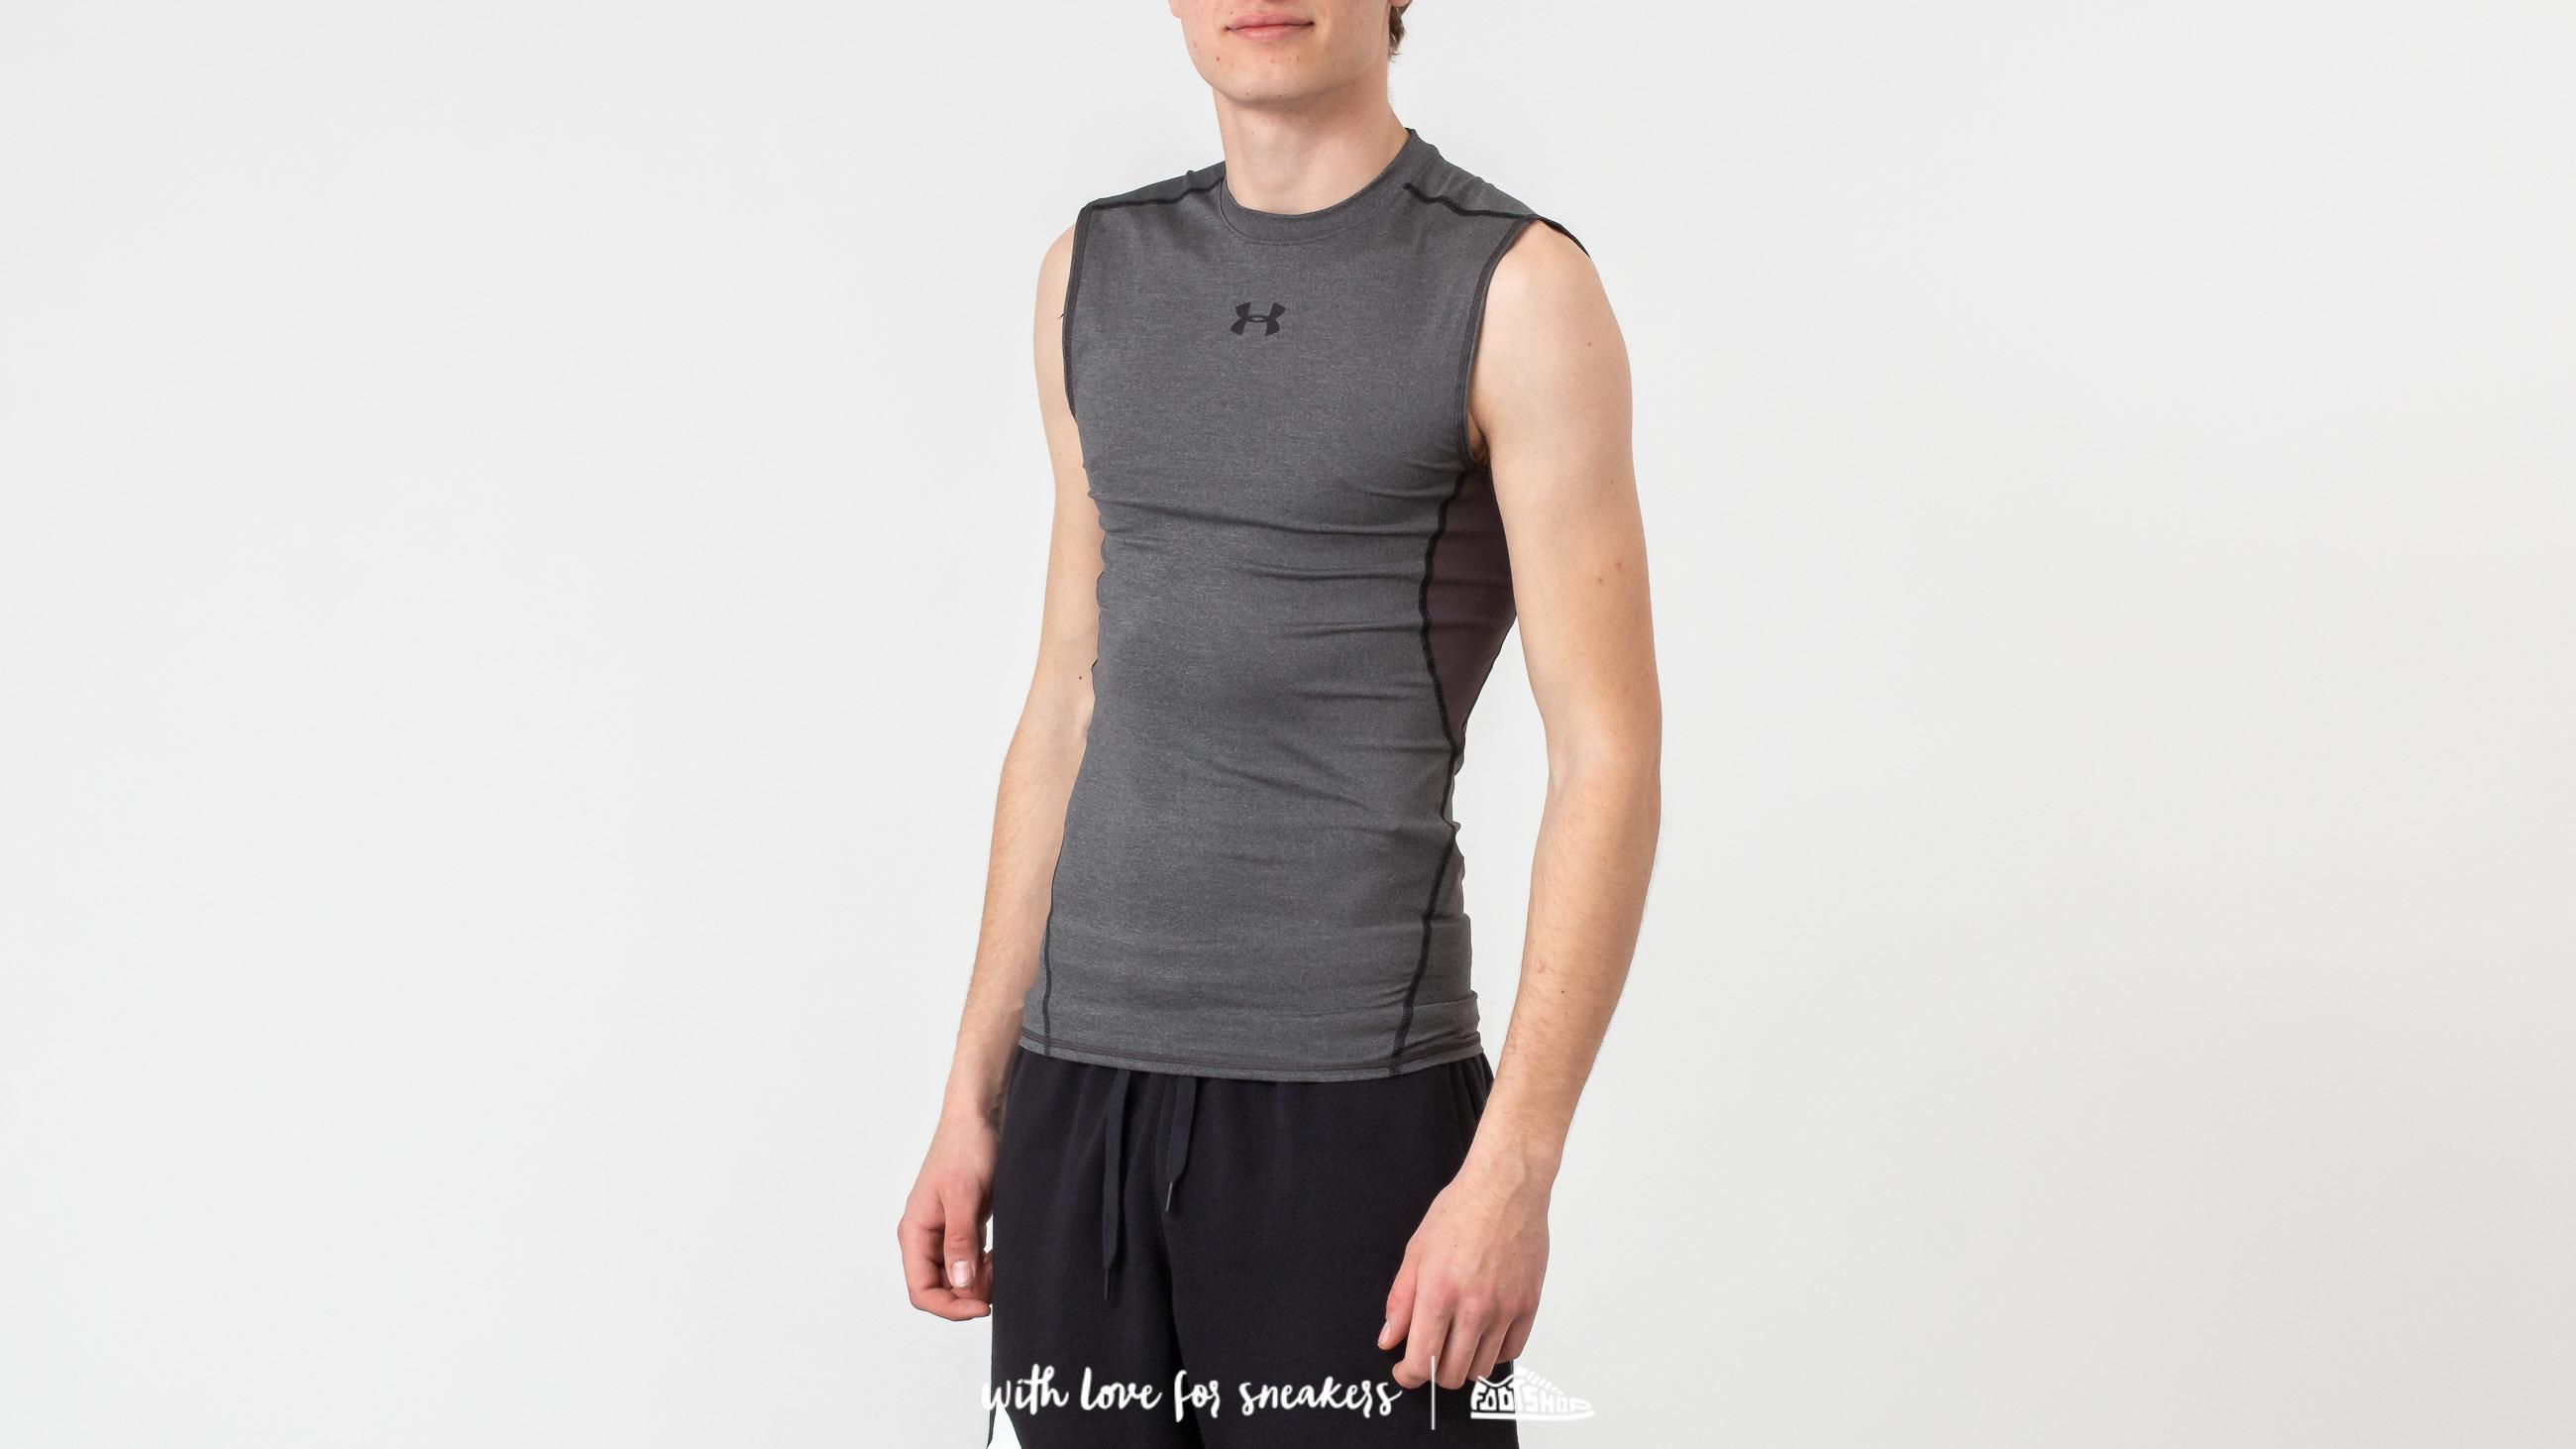 Under Armour Heatgear Sleeveless Tee Grey nagyszerű árakon 9 951 Ft vásárolj a Footshopban